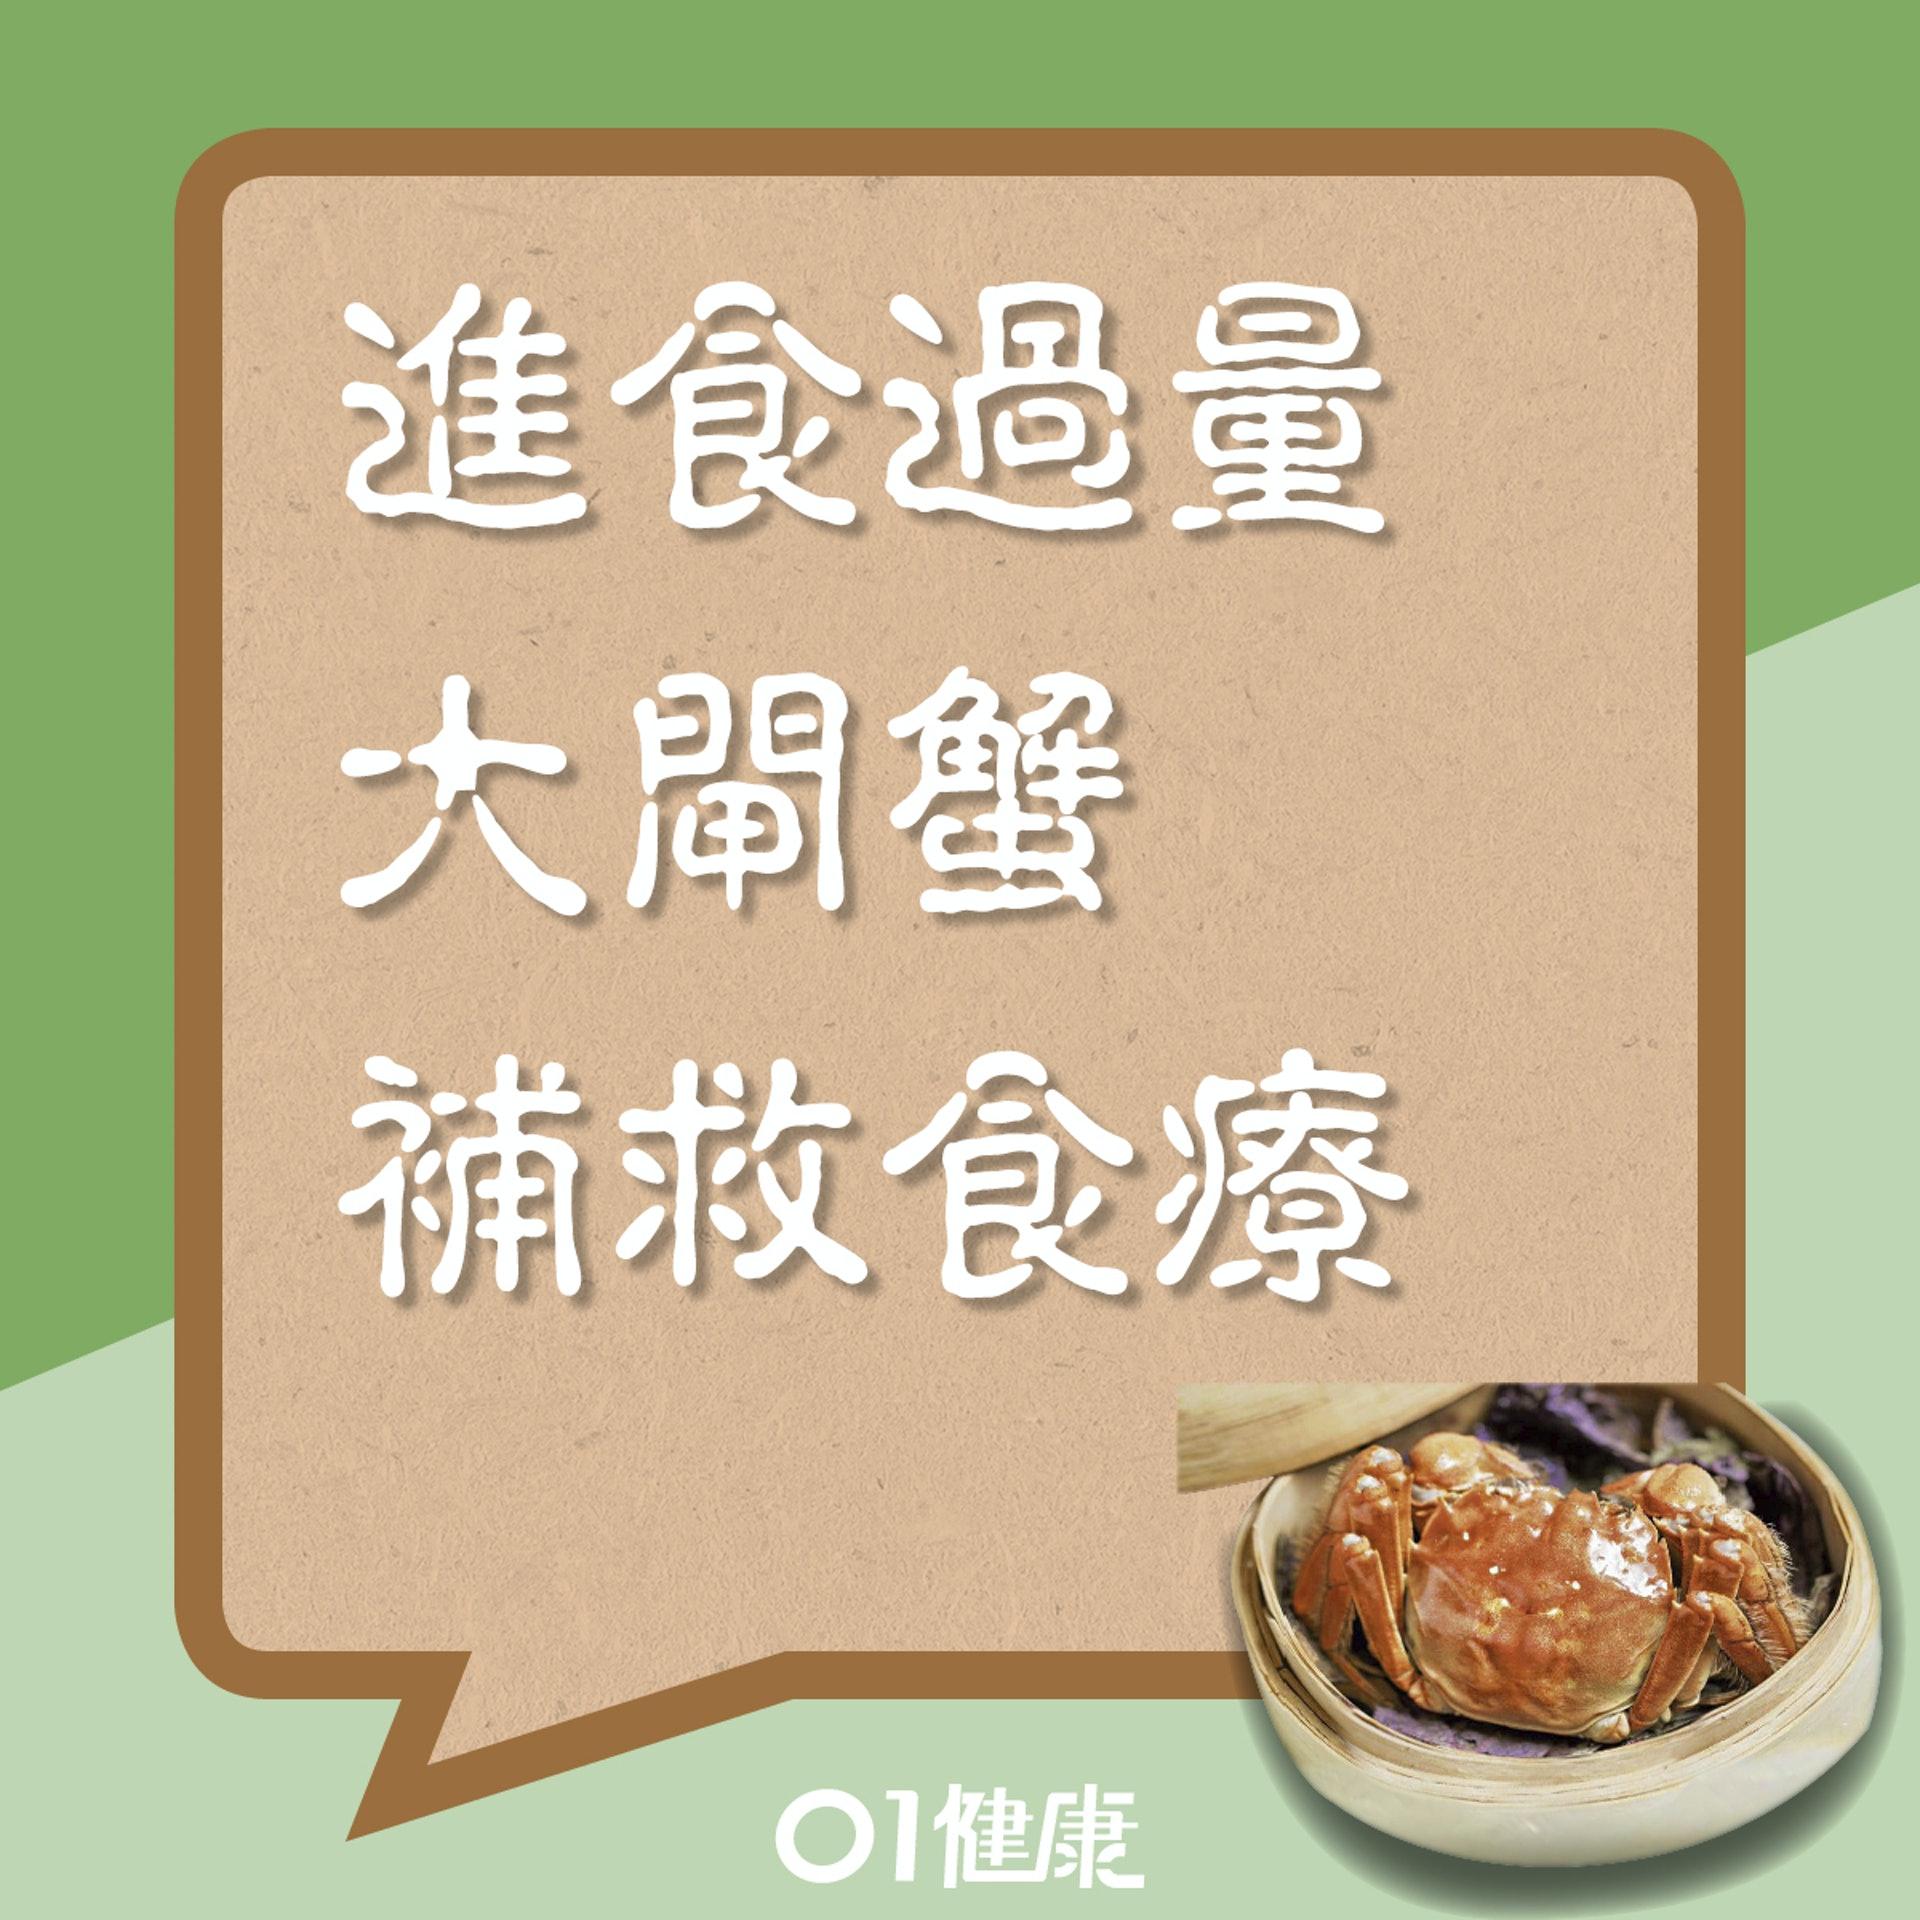 藿香醒胃茶(01製圖)